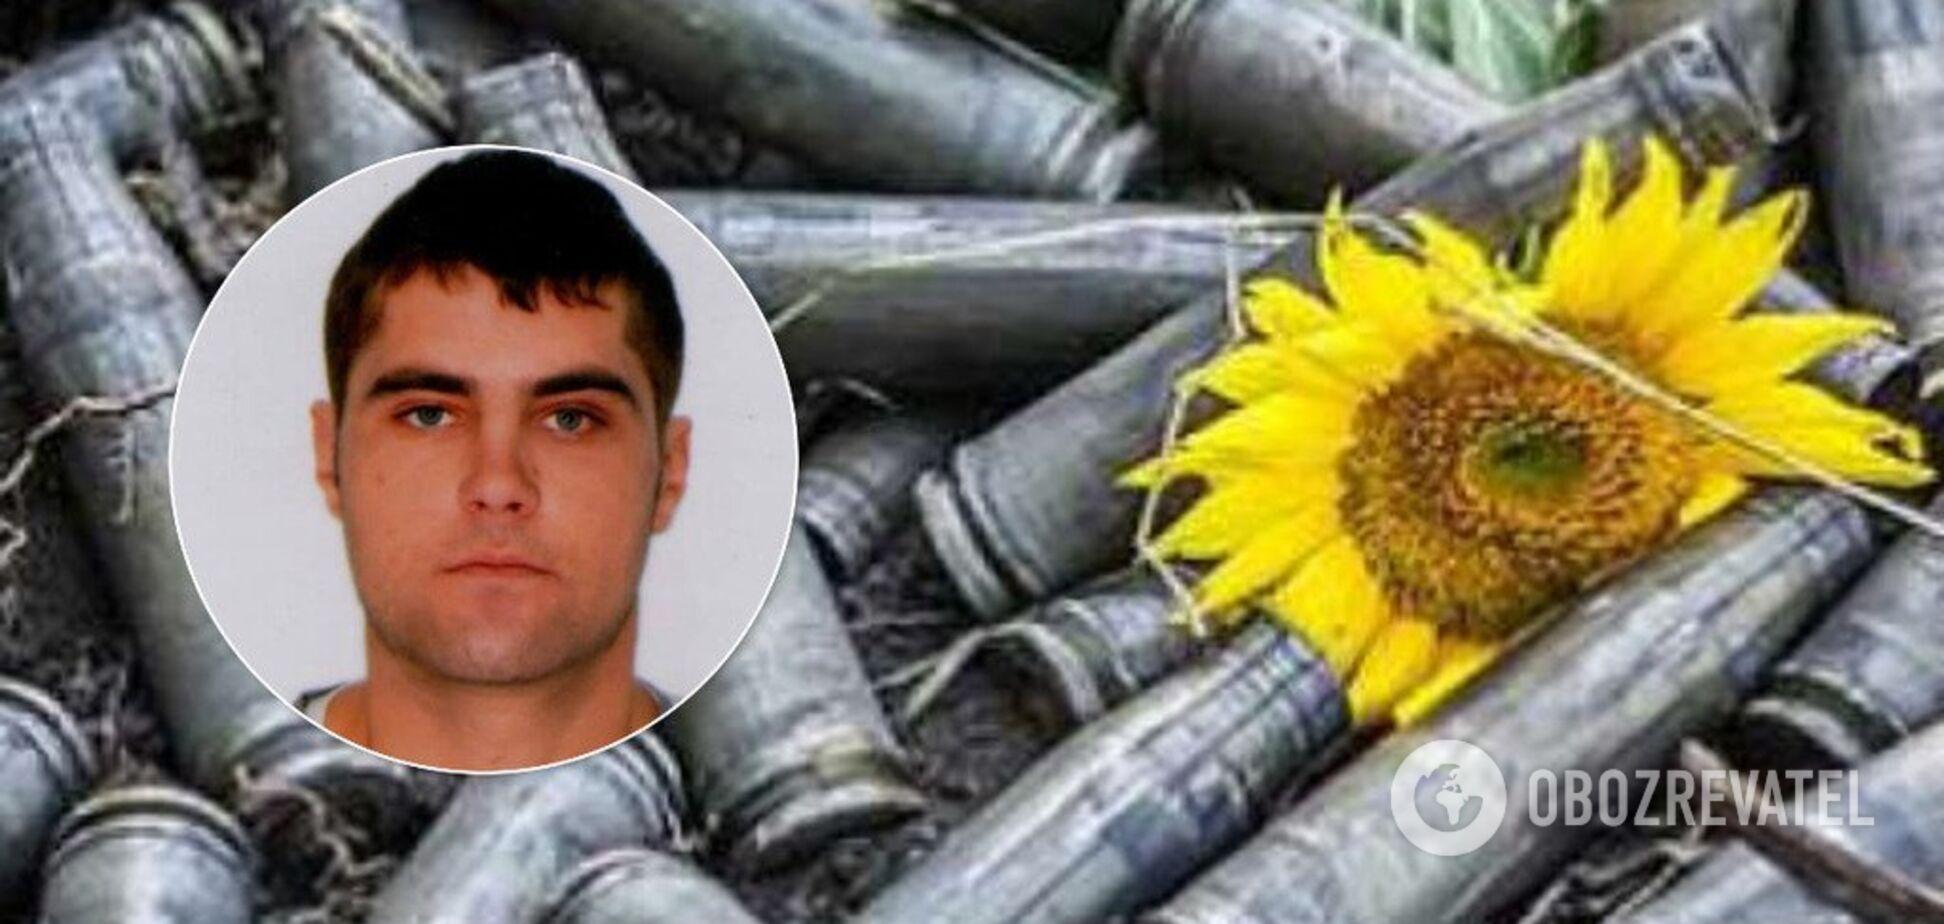 'Мстим. Не остановимся': что известно о подлом убийстве героя ВСУ на Донбассе